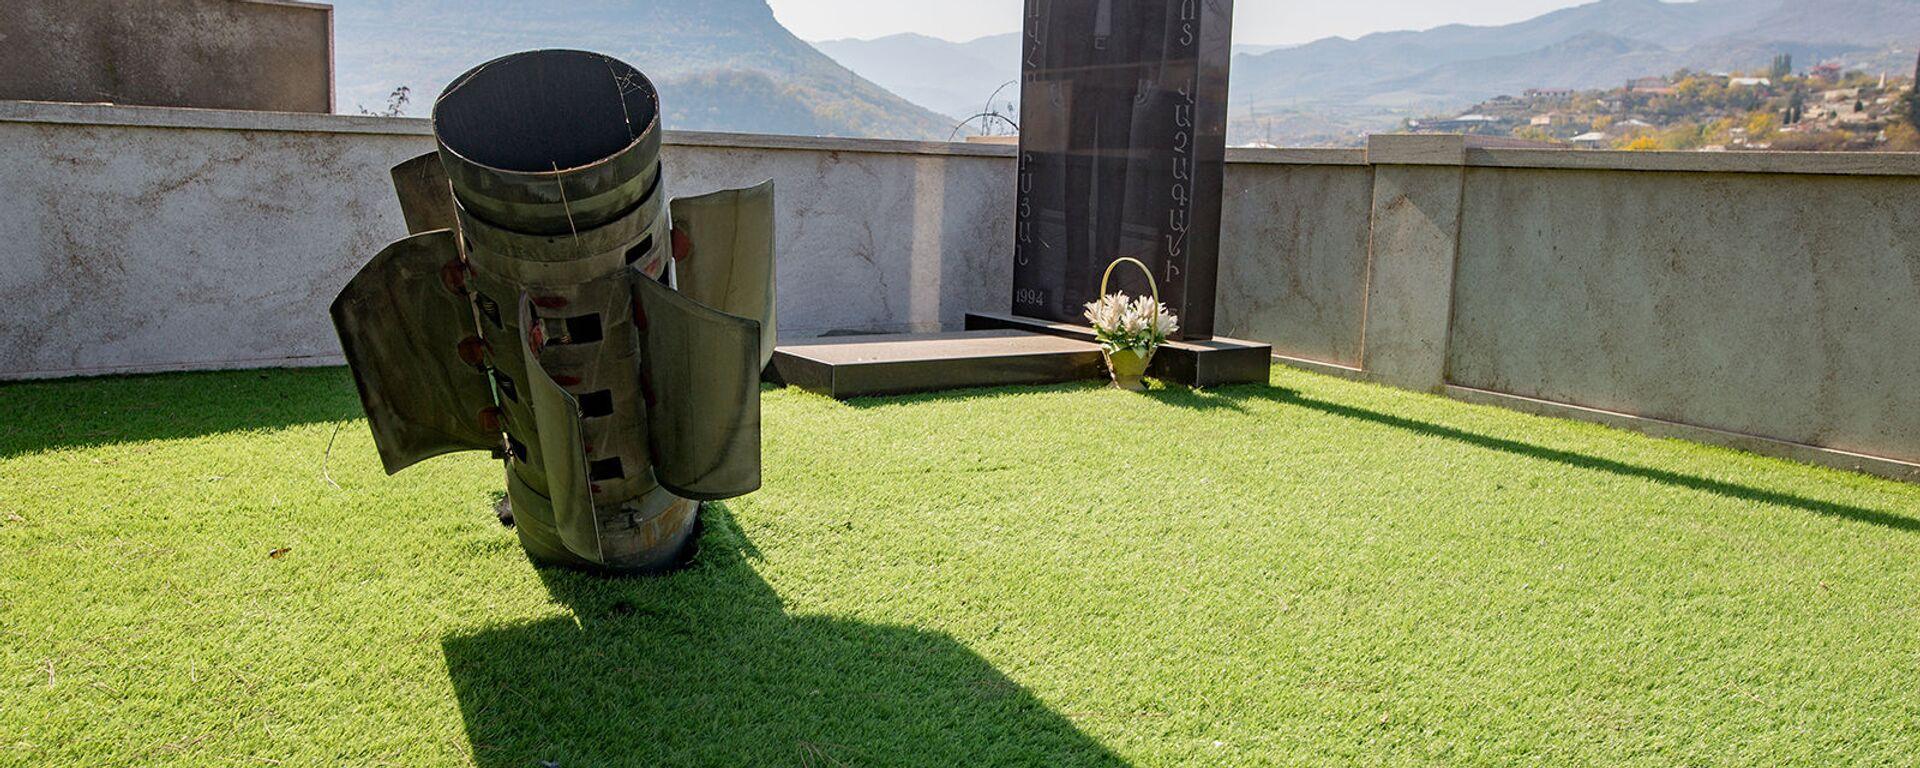 Часть реактивного снаряда, упавшего на кладбище в Степанакерте (1 ноября 2020). Карабах - Sputnik Армения, 1920, 26.07.2021